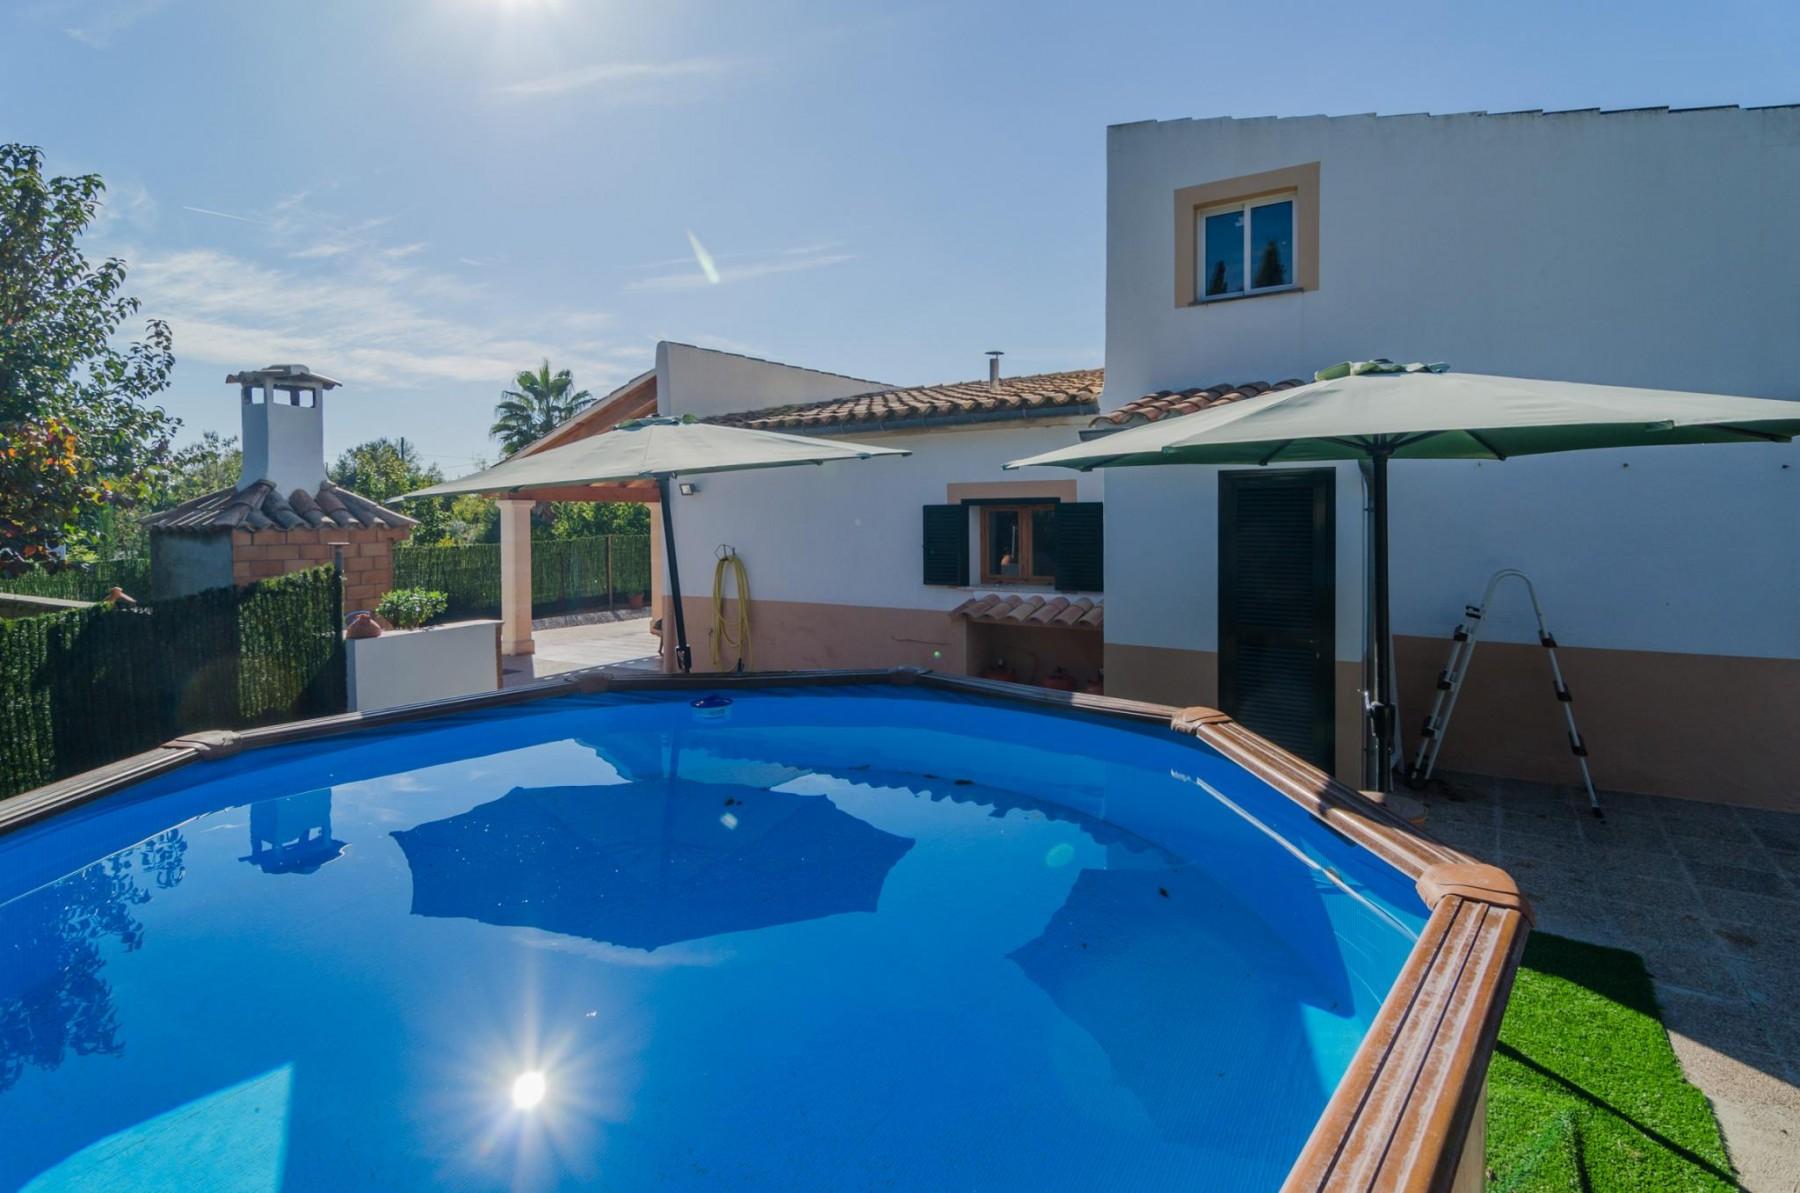 LA SUERTE - 1220 for 6 guests in Binissalem, Spain